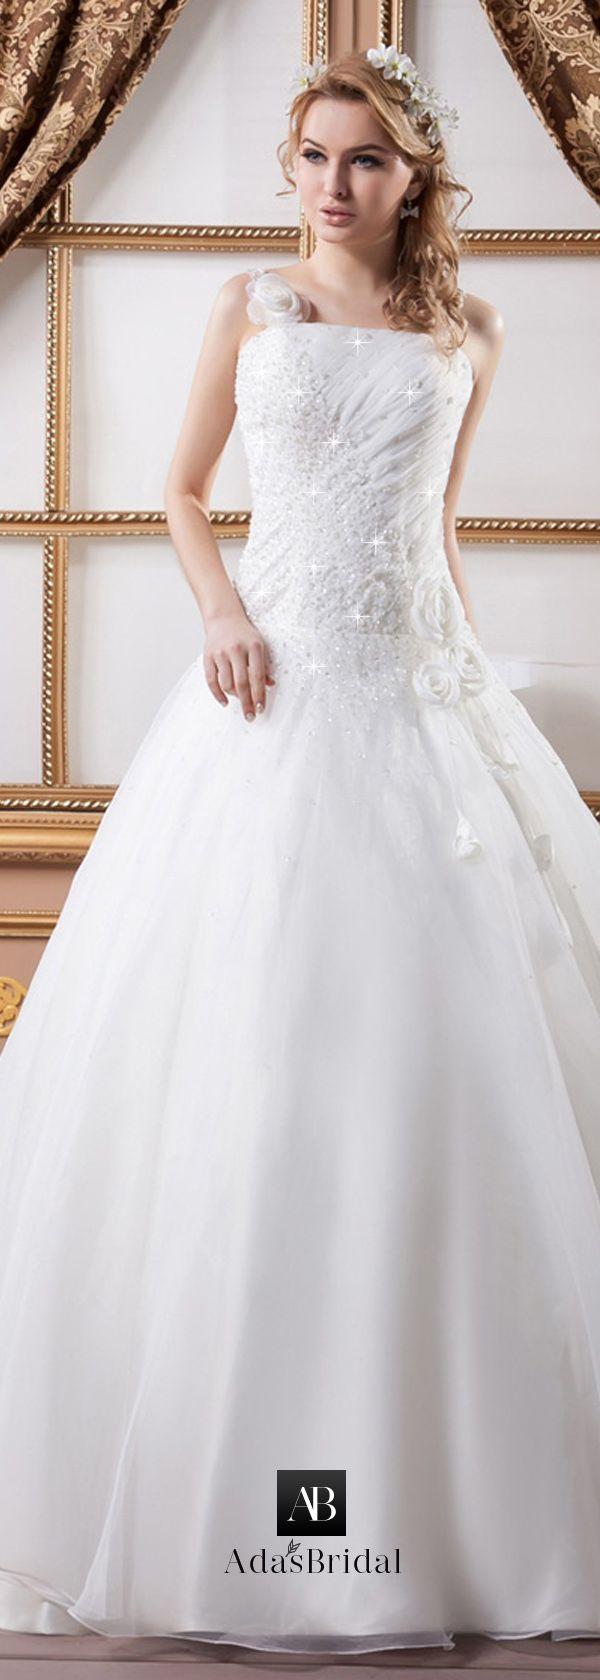 Junoesque organza spaghetti straps neckline aline wedding dresses